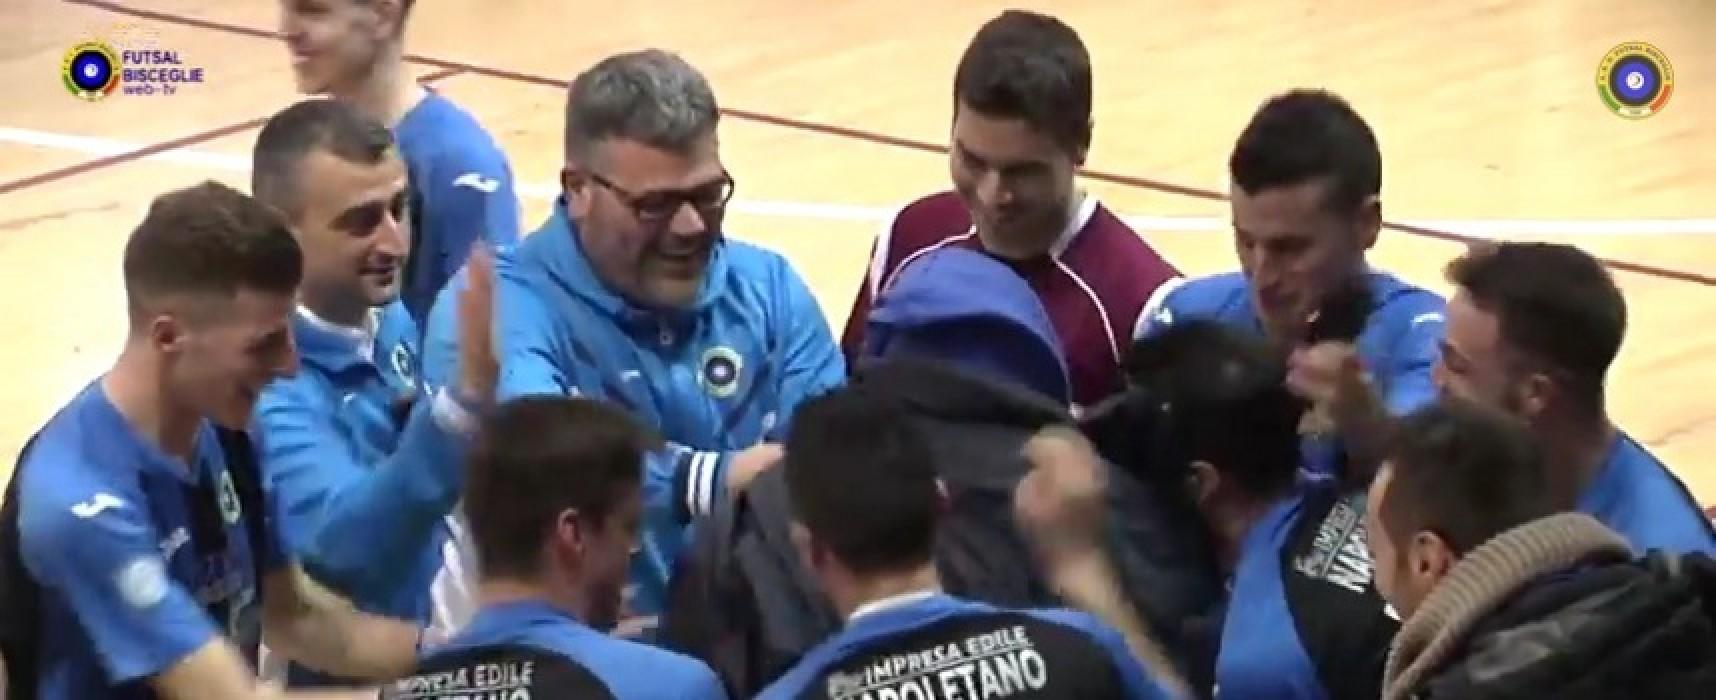 Gli hightlights della goleada del Futsal Bisceglie a Manfredonia/VIDEO